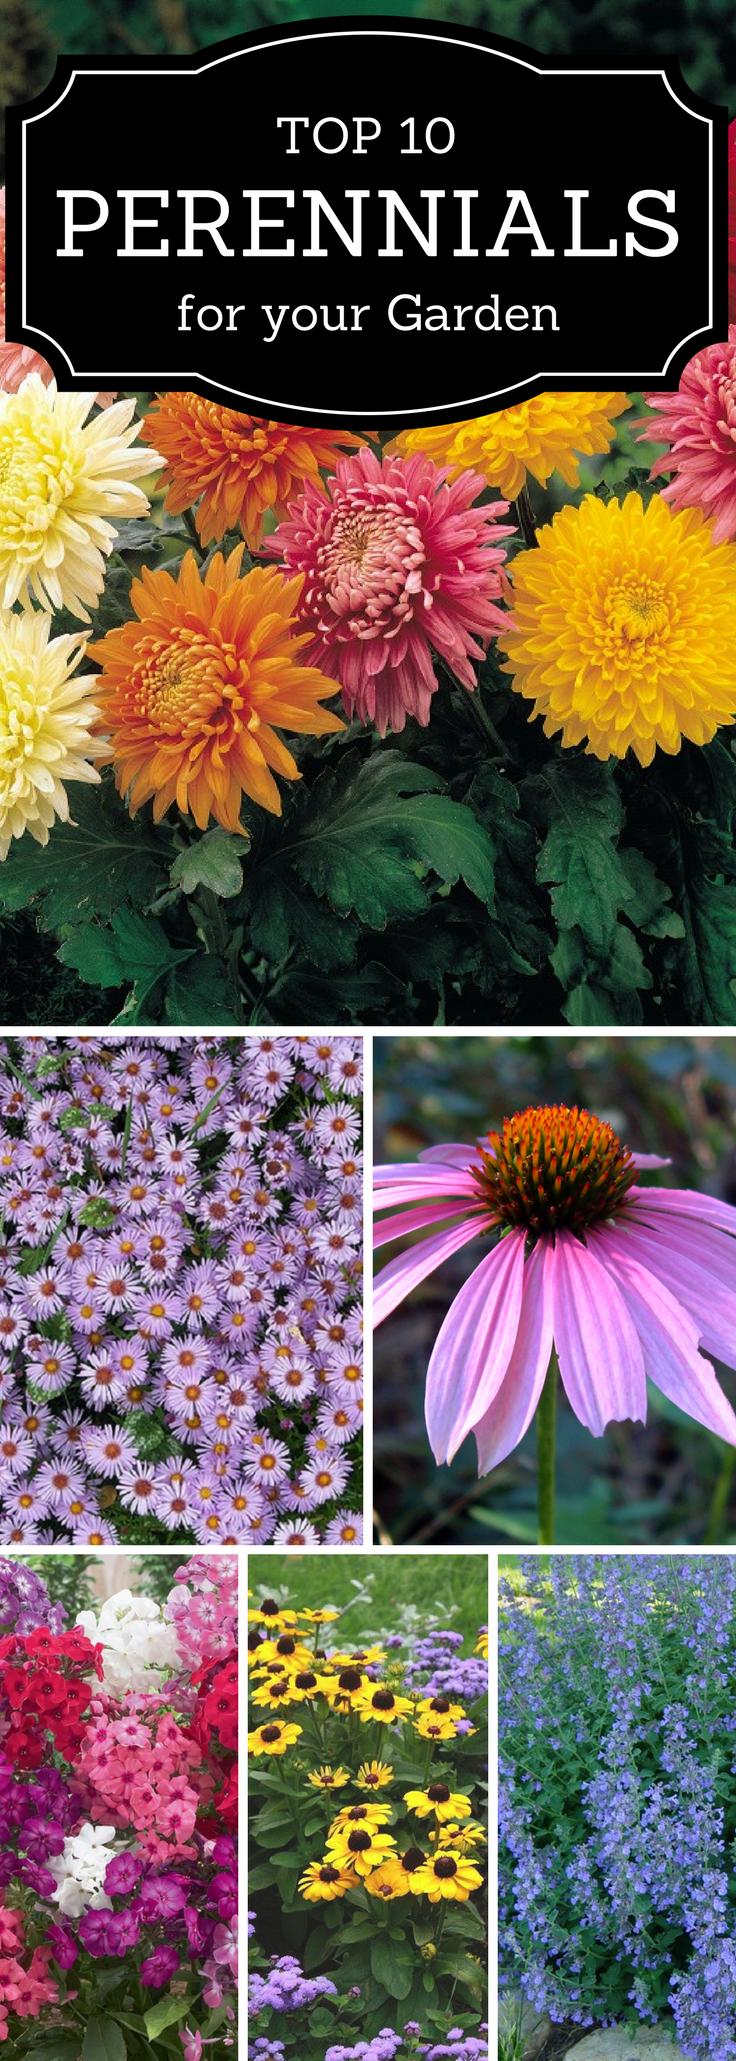 Top 10 Best Perennials For Your Garden Perennials Gardens And Flowers